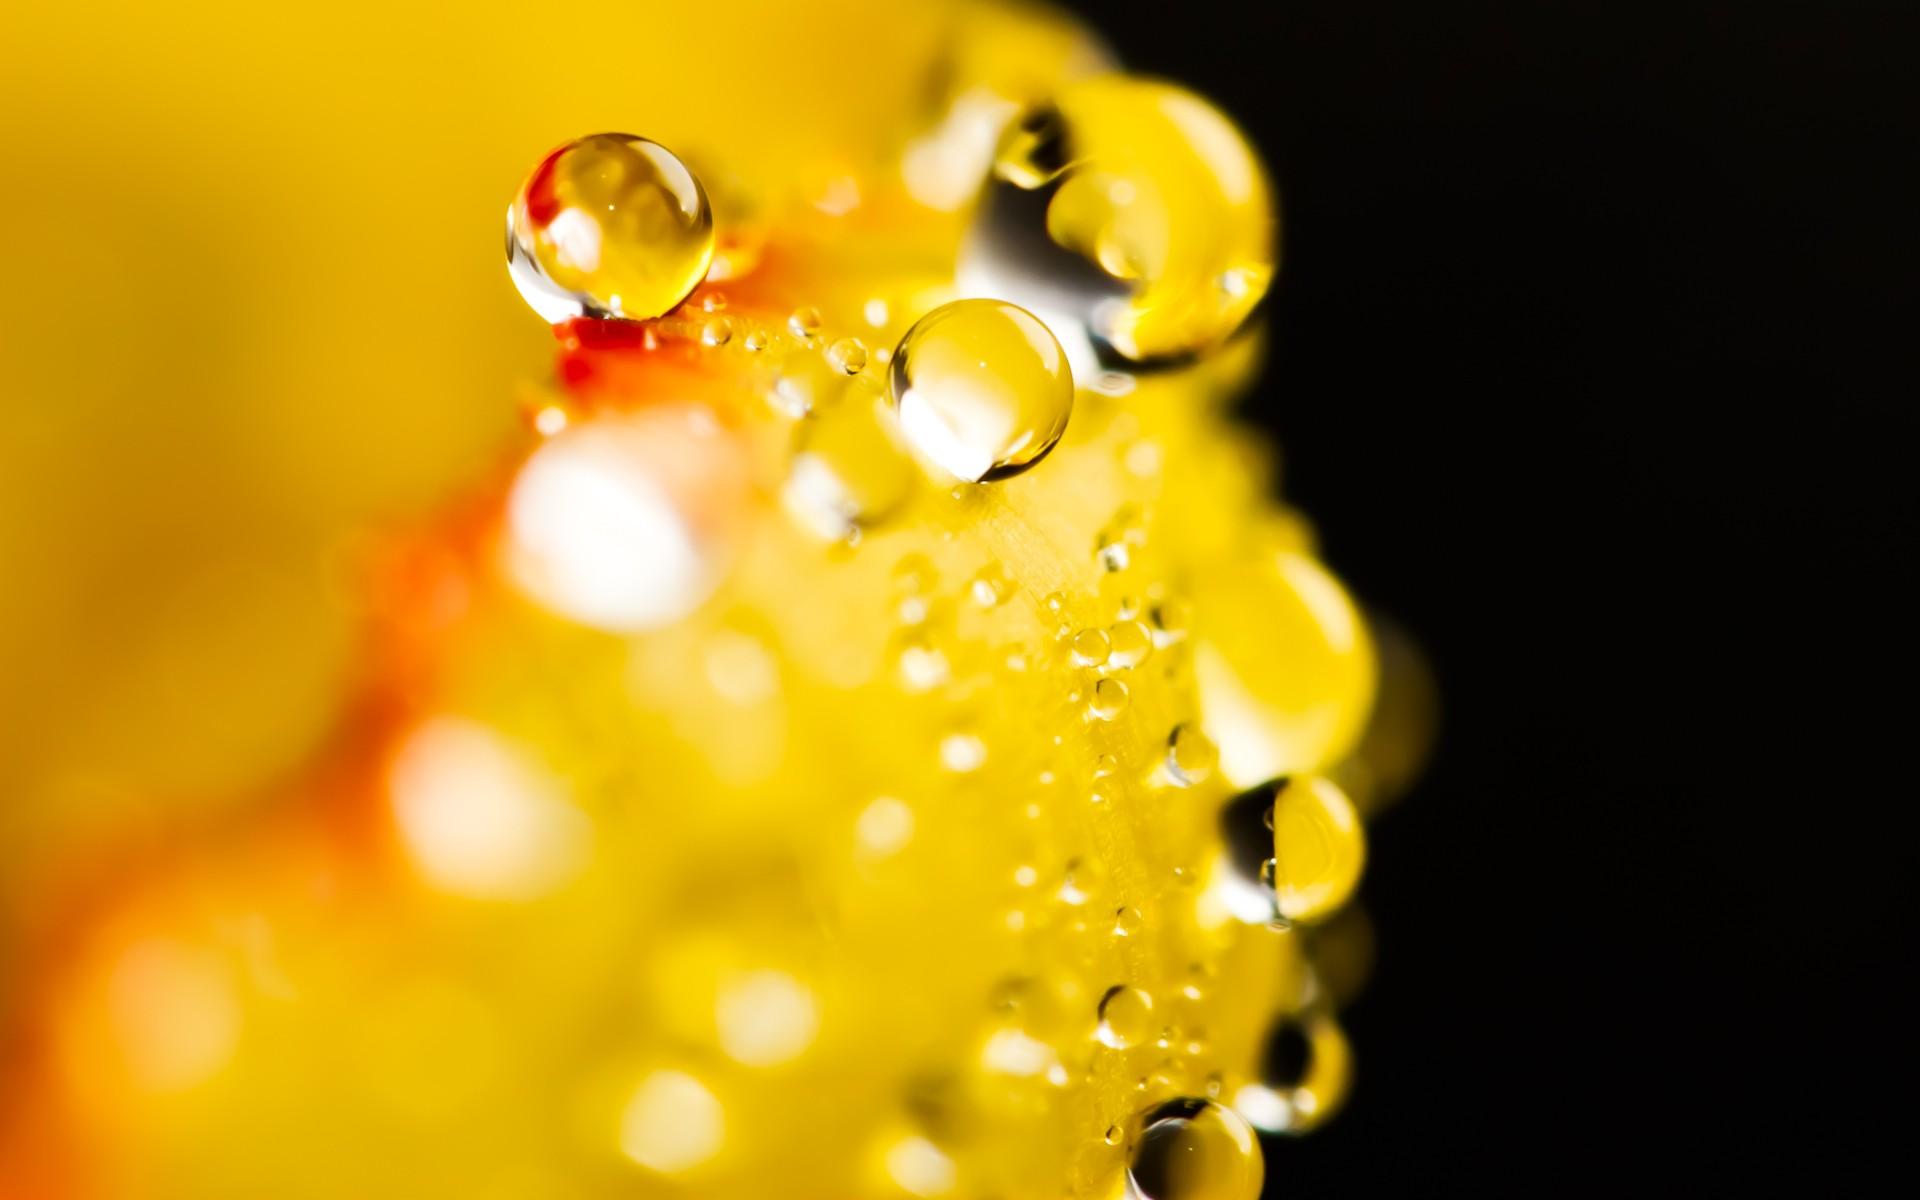 Giọt Nước Trên Hoa  Hinh-129